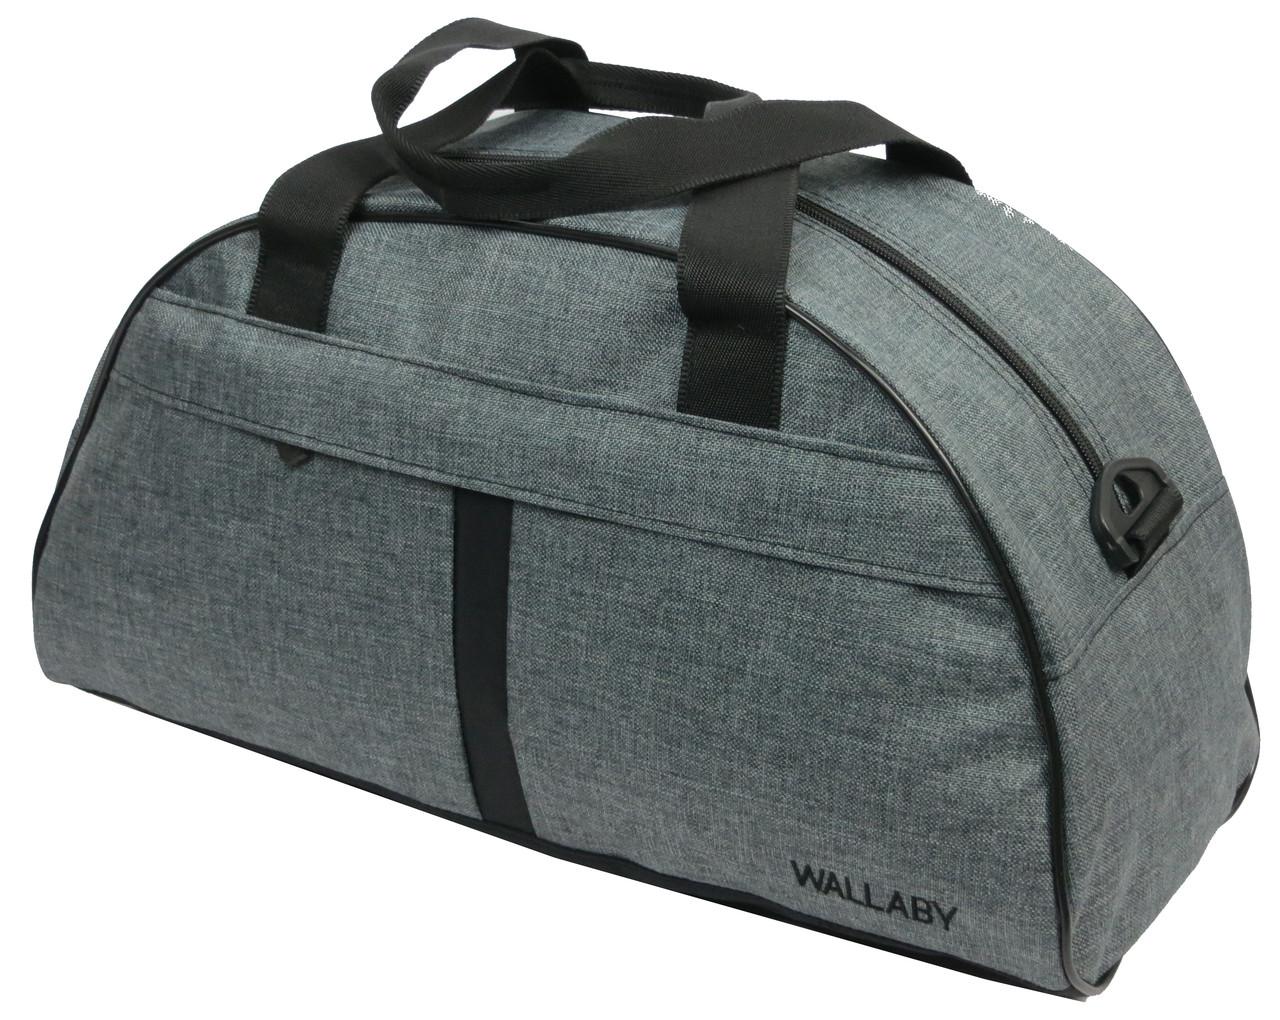 Небольшая спортивная сумка, 16 л Wallaby 213-3 серая